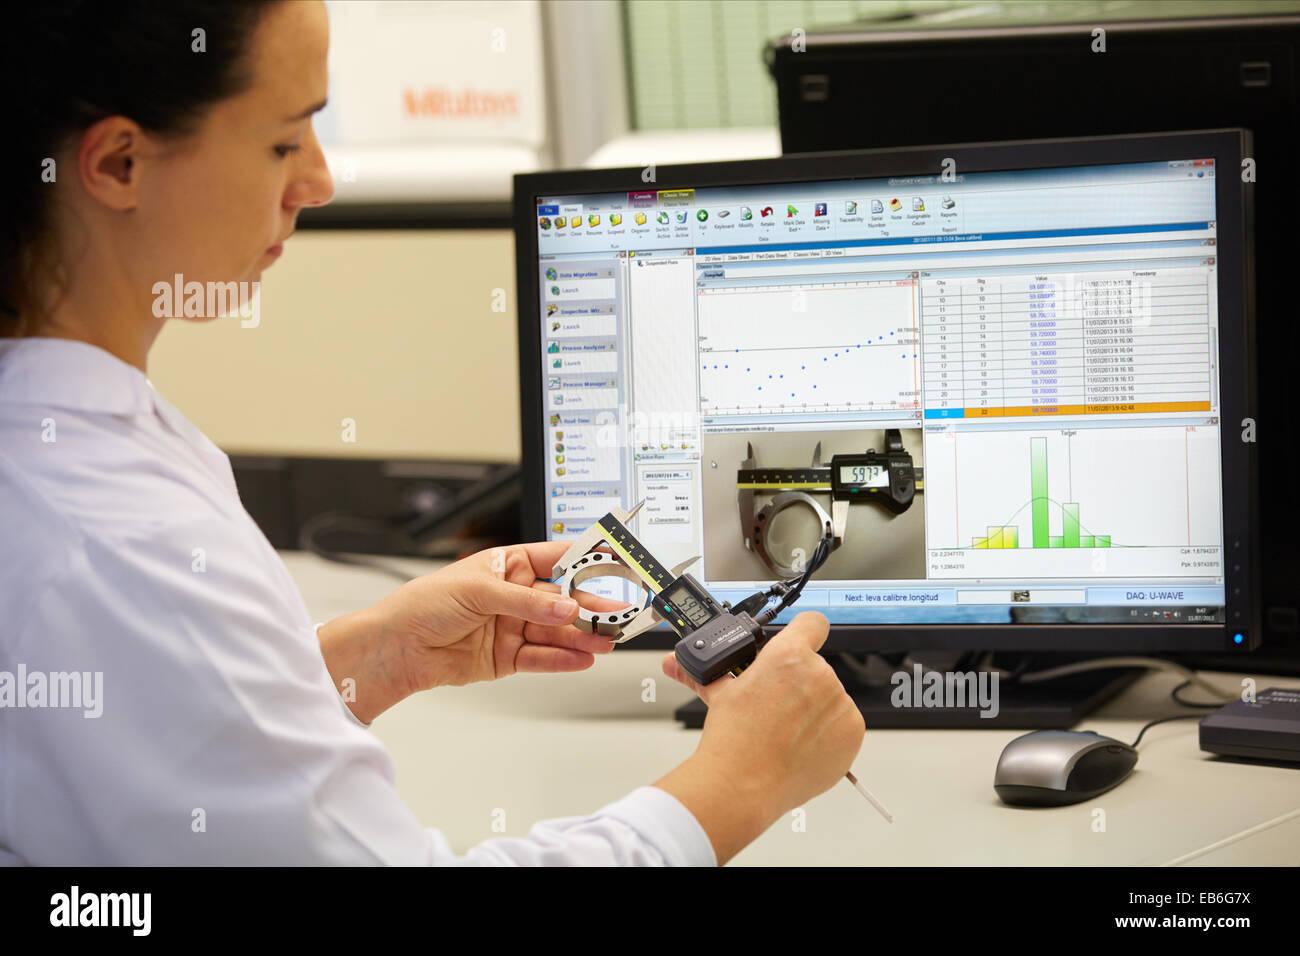 MeasurLink Statistical Software de recogida de datos para análisis estadístico aplicado Metrología Imagen De Stock